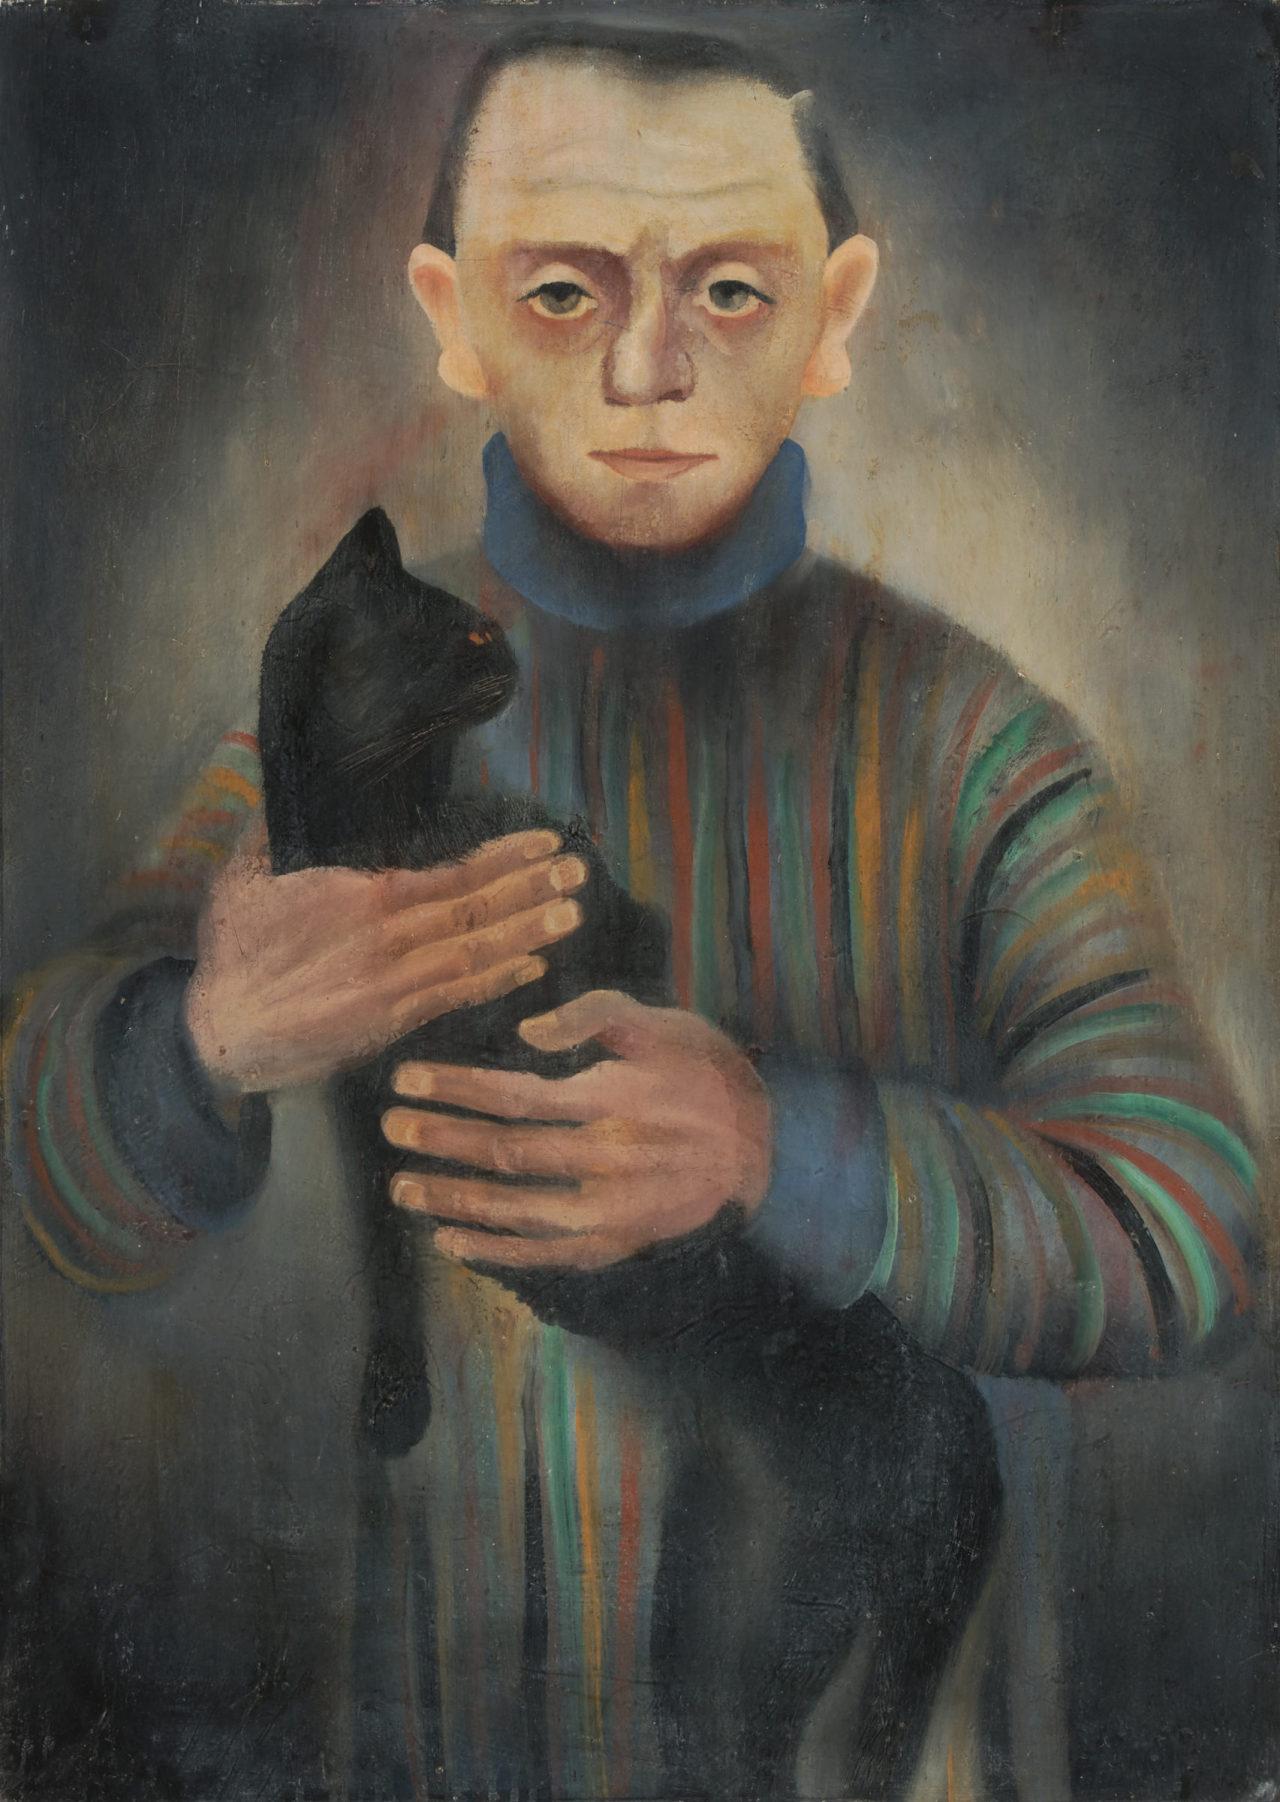 Kaate Diehn-Bitt, Peter Paul Diehn with cat